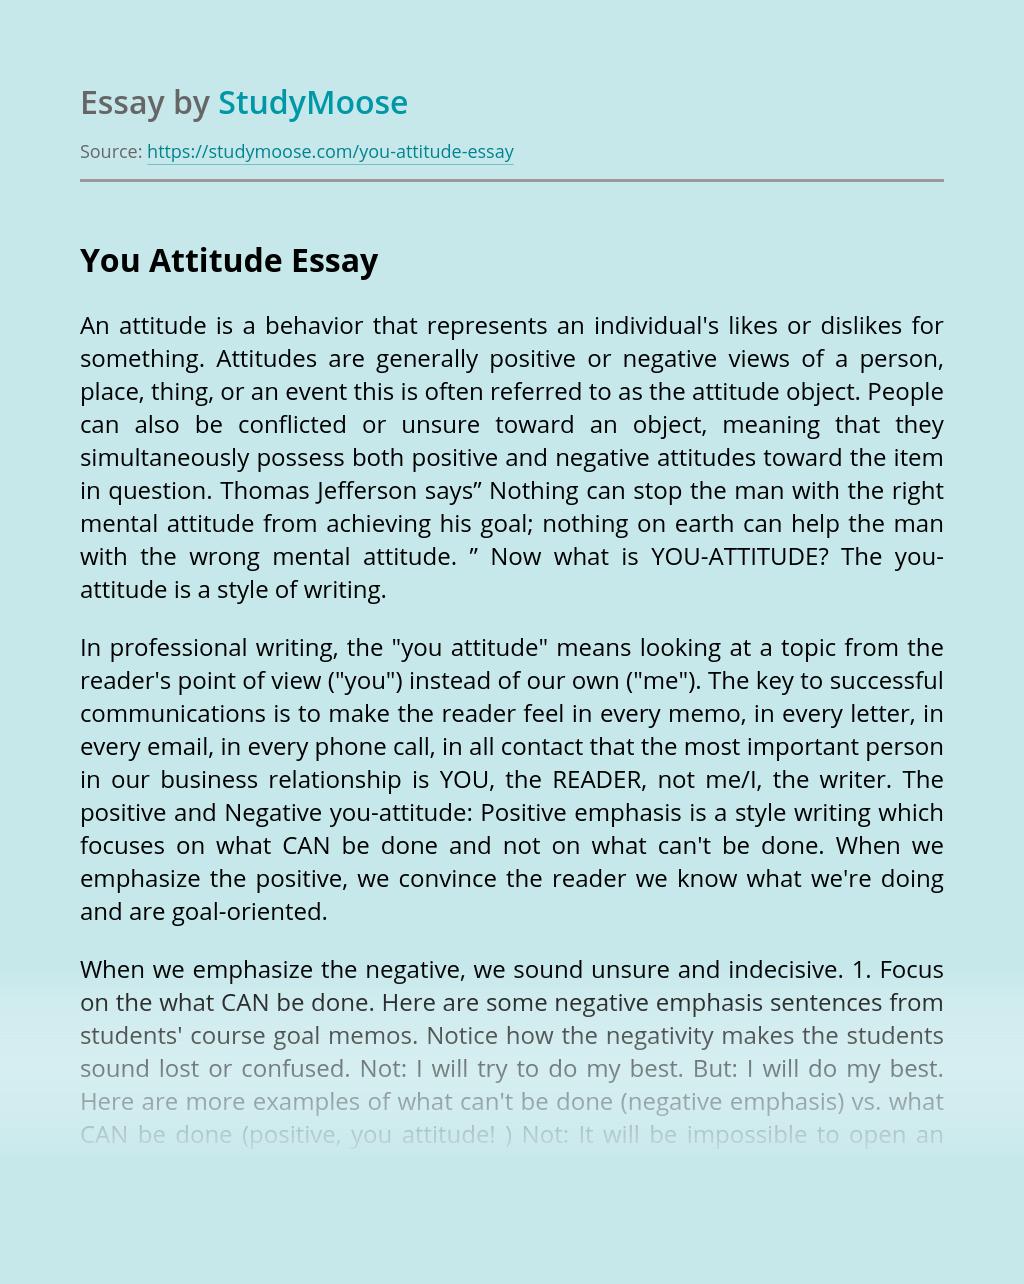 You Attitude